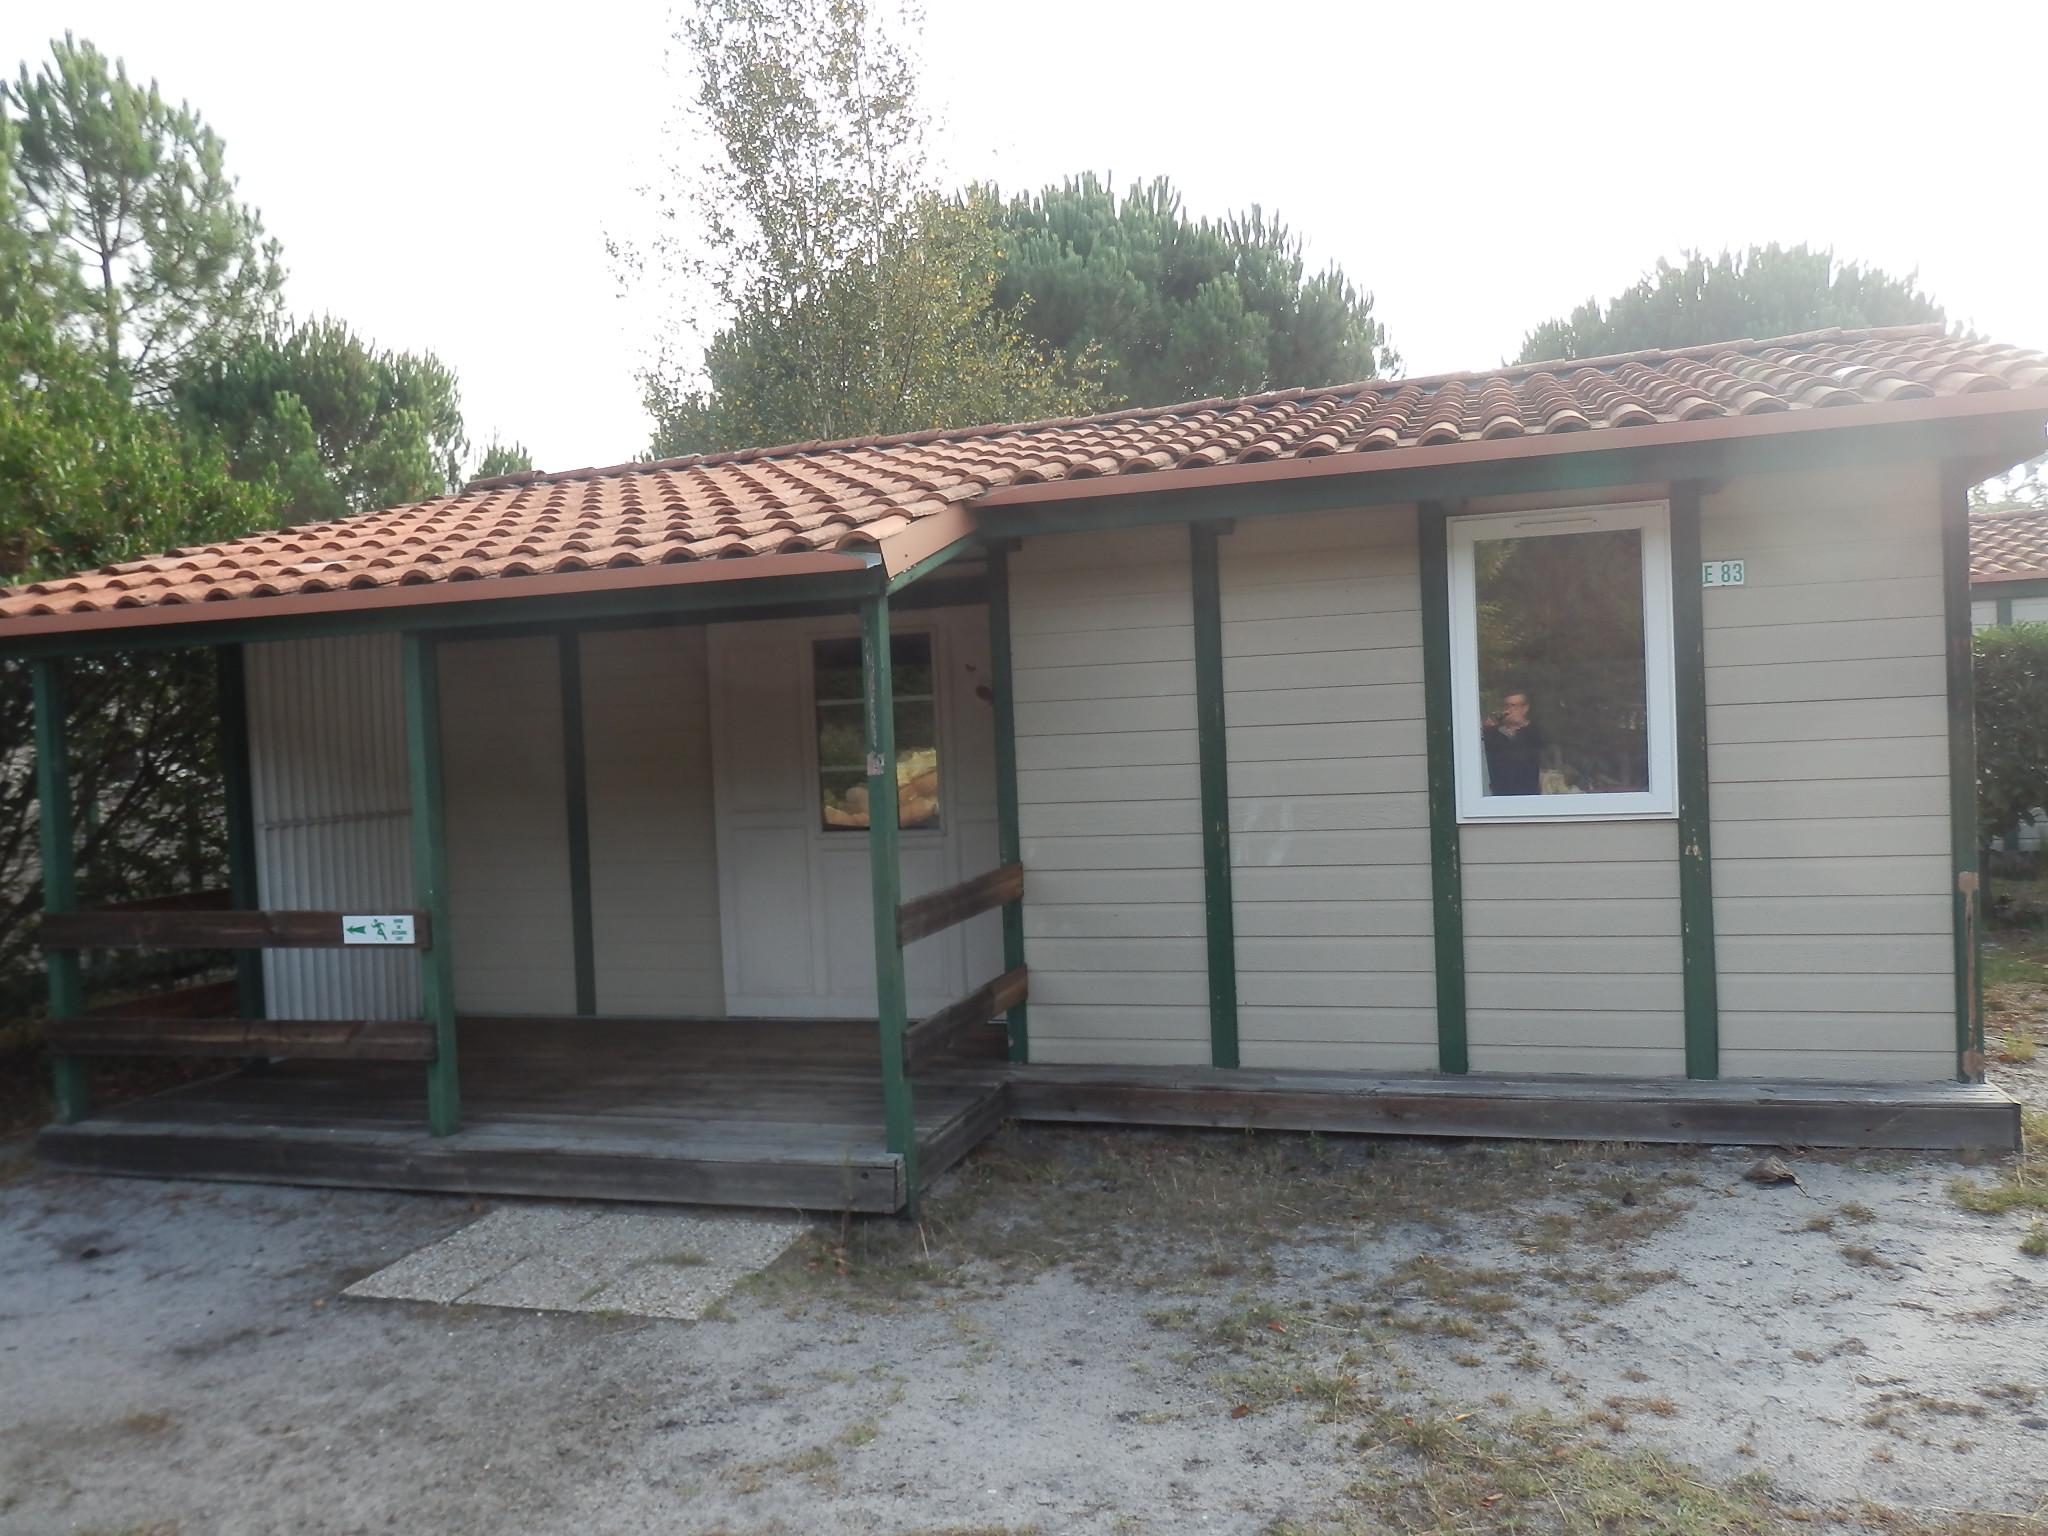 Casa Prefabricada Barata Malaga De Canexel De 45 M2 Color Marron